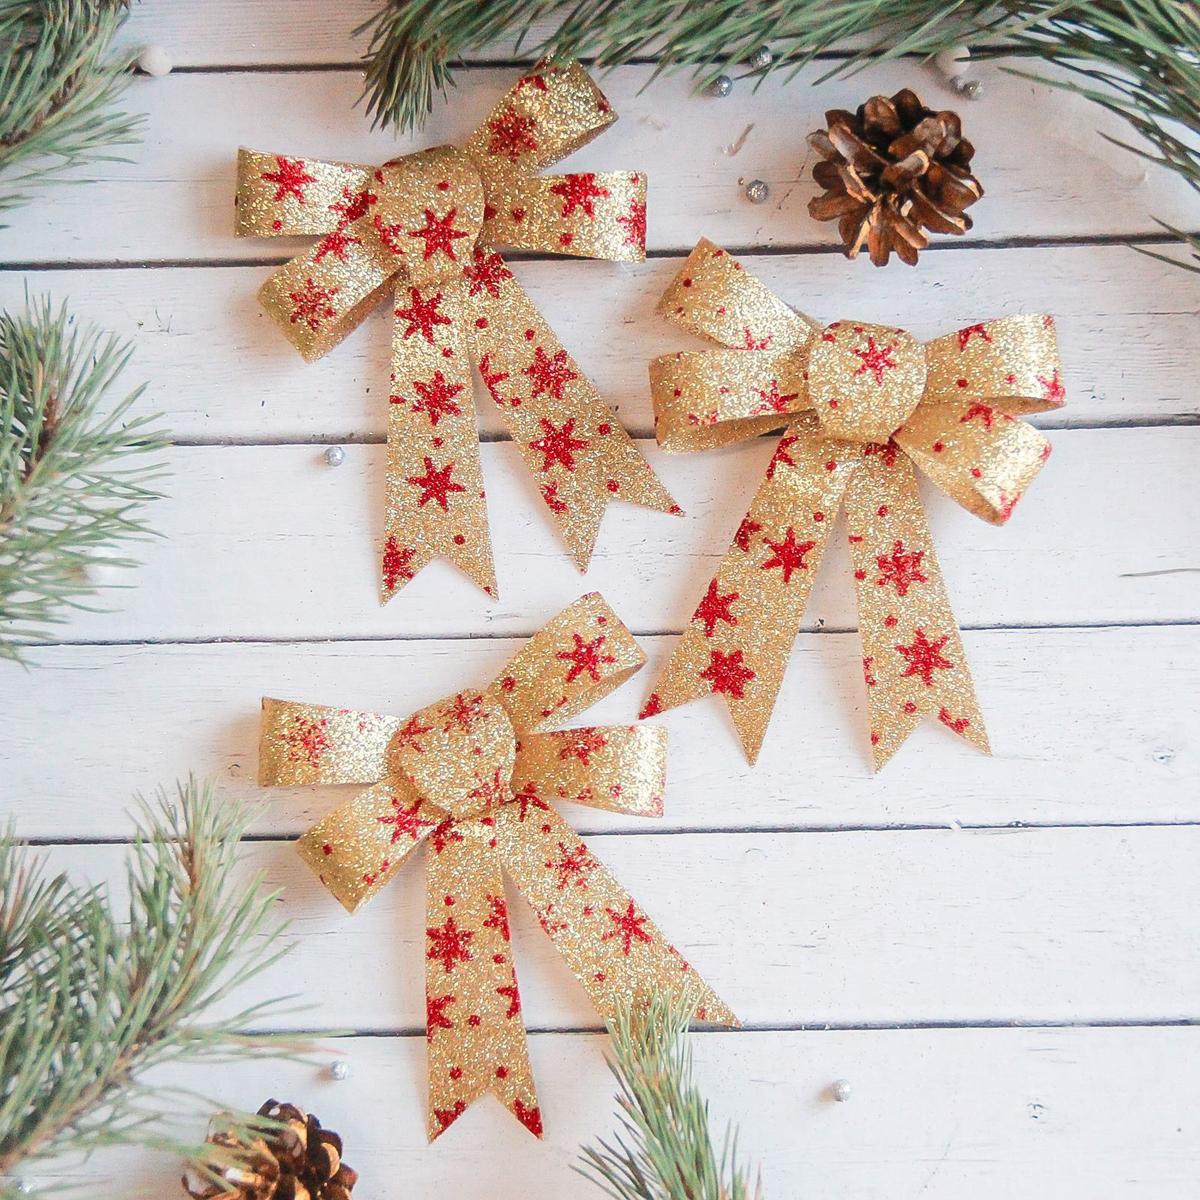 Набор новогодних подвесных украшений Sima-land Бант со снежинками, 9 х 10 см, 3 шт. 23712672371267Набор новогодних подвесных украшений Sima-land отлично подойдет для декорации вашего дома и новогодней ели. Новогодние украшения можно повесить в любом понравившемся вам месте. Но, конечно, удачнее всего они будет смотреться на праздничной елке.Елочная игрушка - символ Нового года. Она несет в себе волшебство и красоту праздника. Такое украшение создаст в вашем доме атмосферу праздника, веселья и радости.